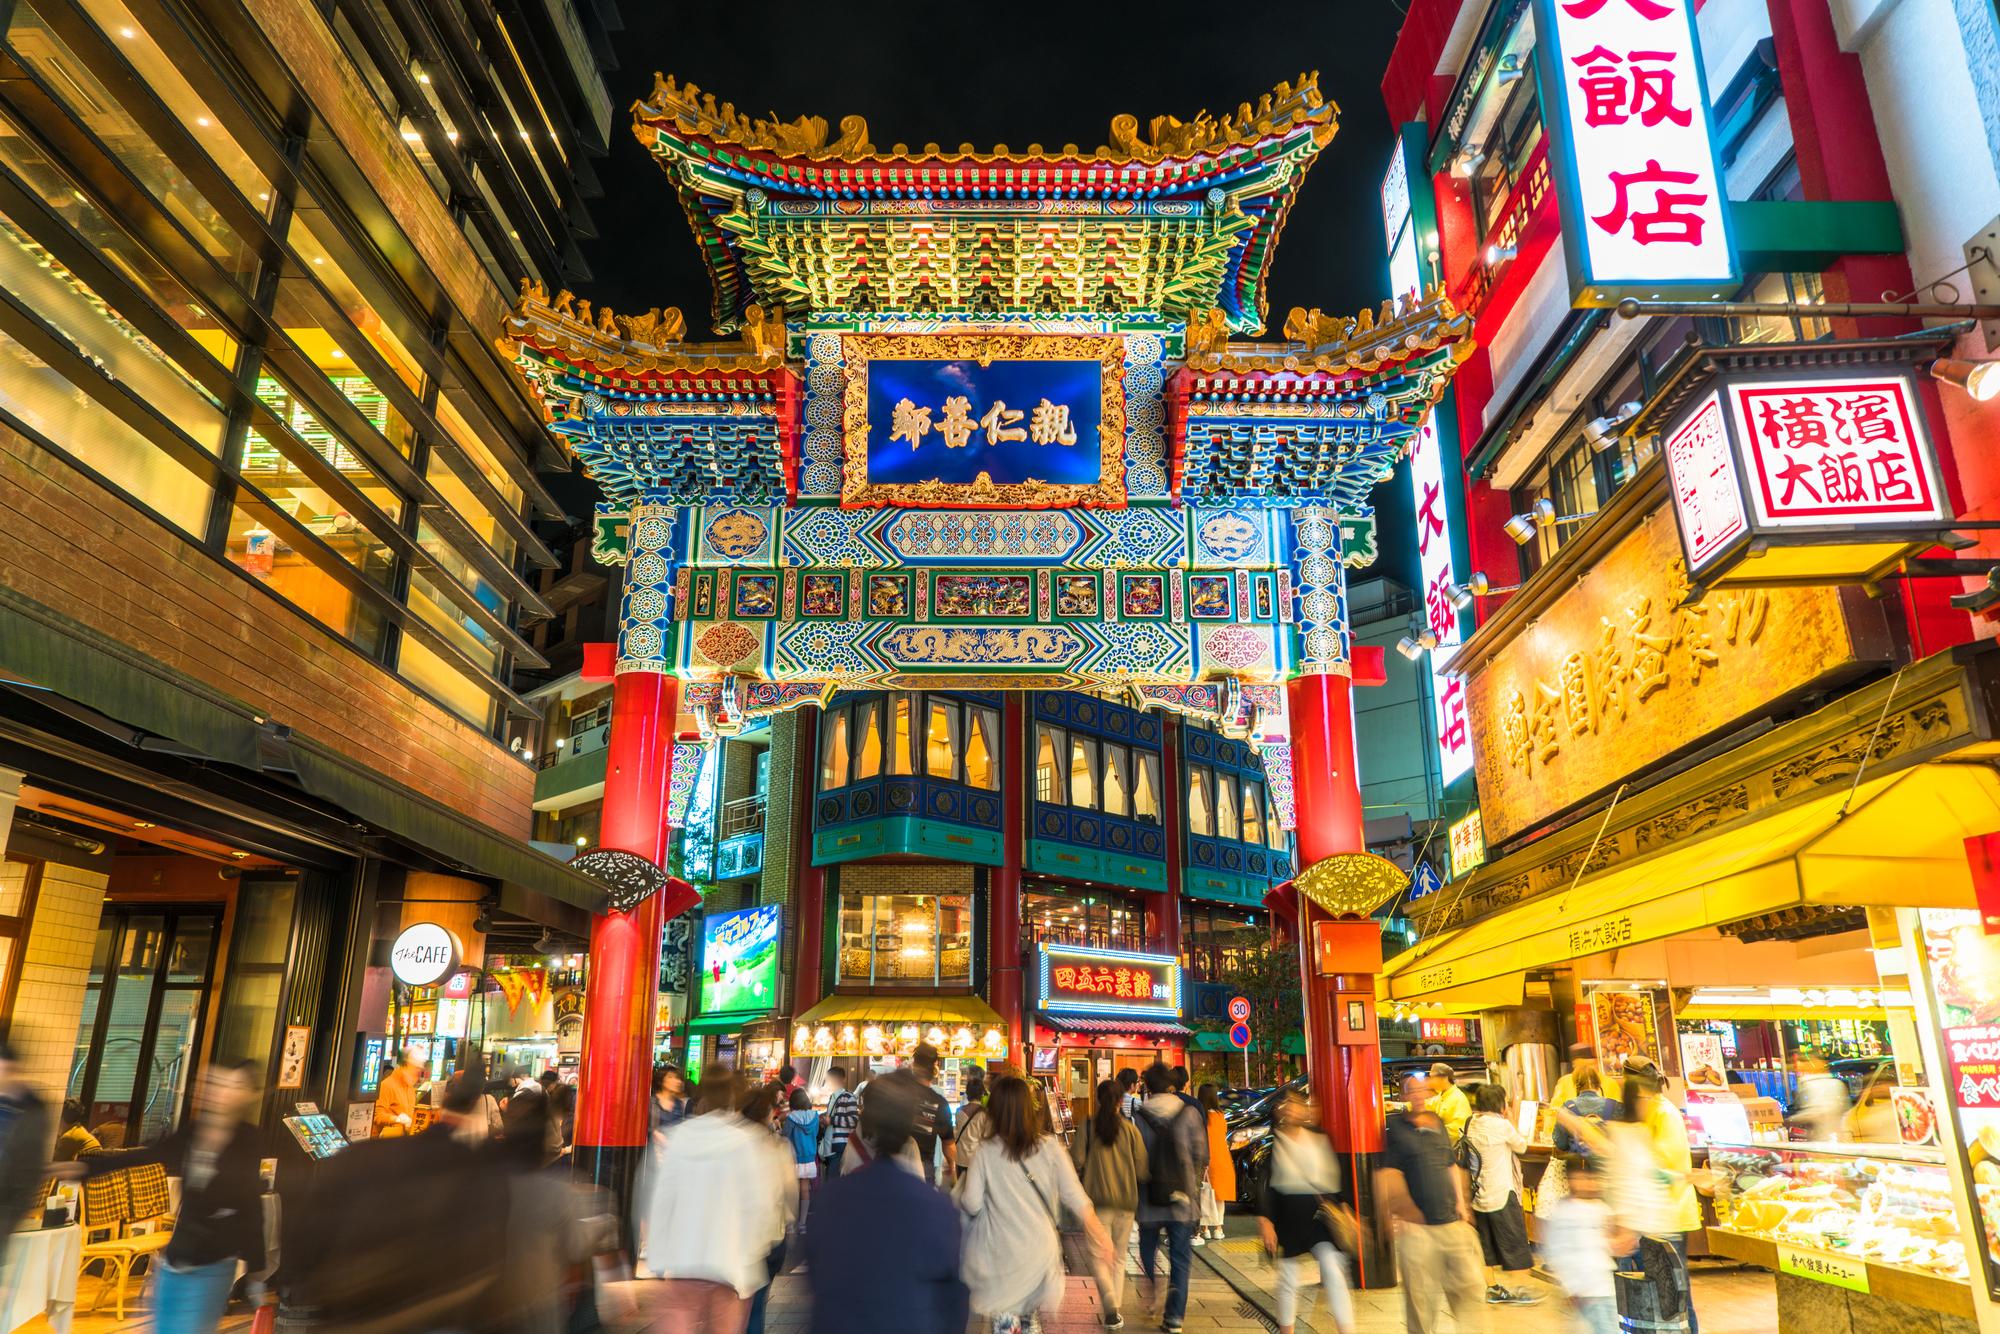 中国との出会いの場所 横浜中華街の歴史とコンサルティングの始まり